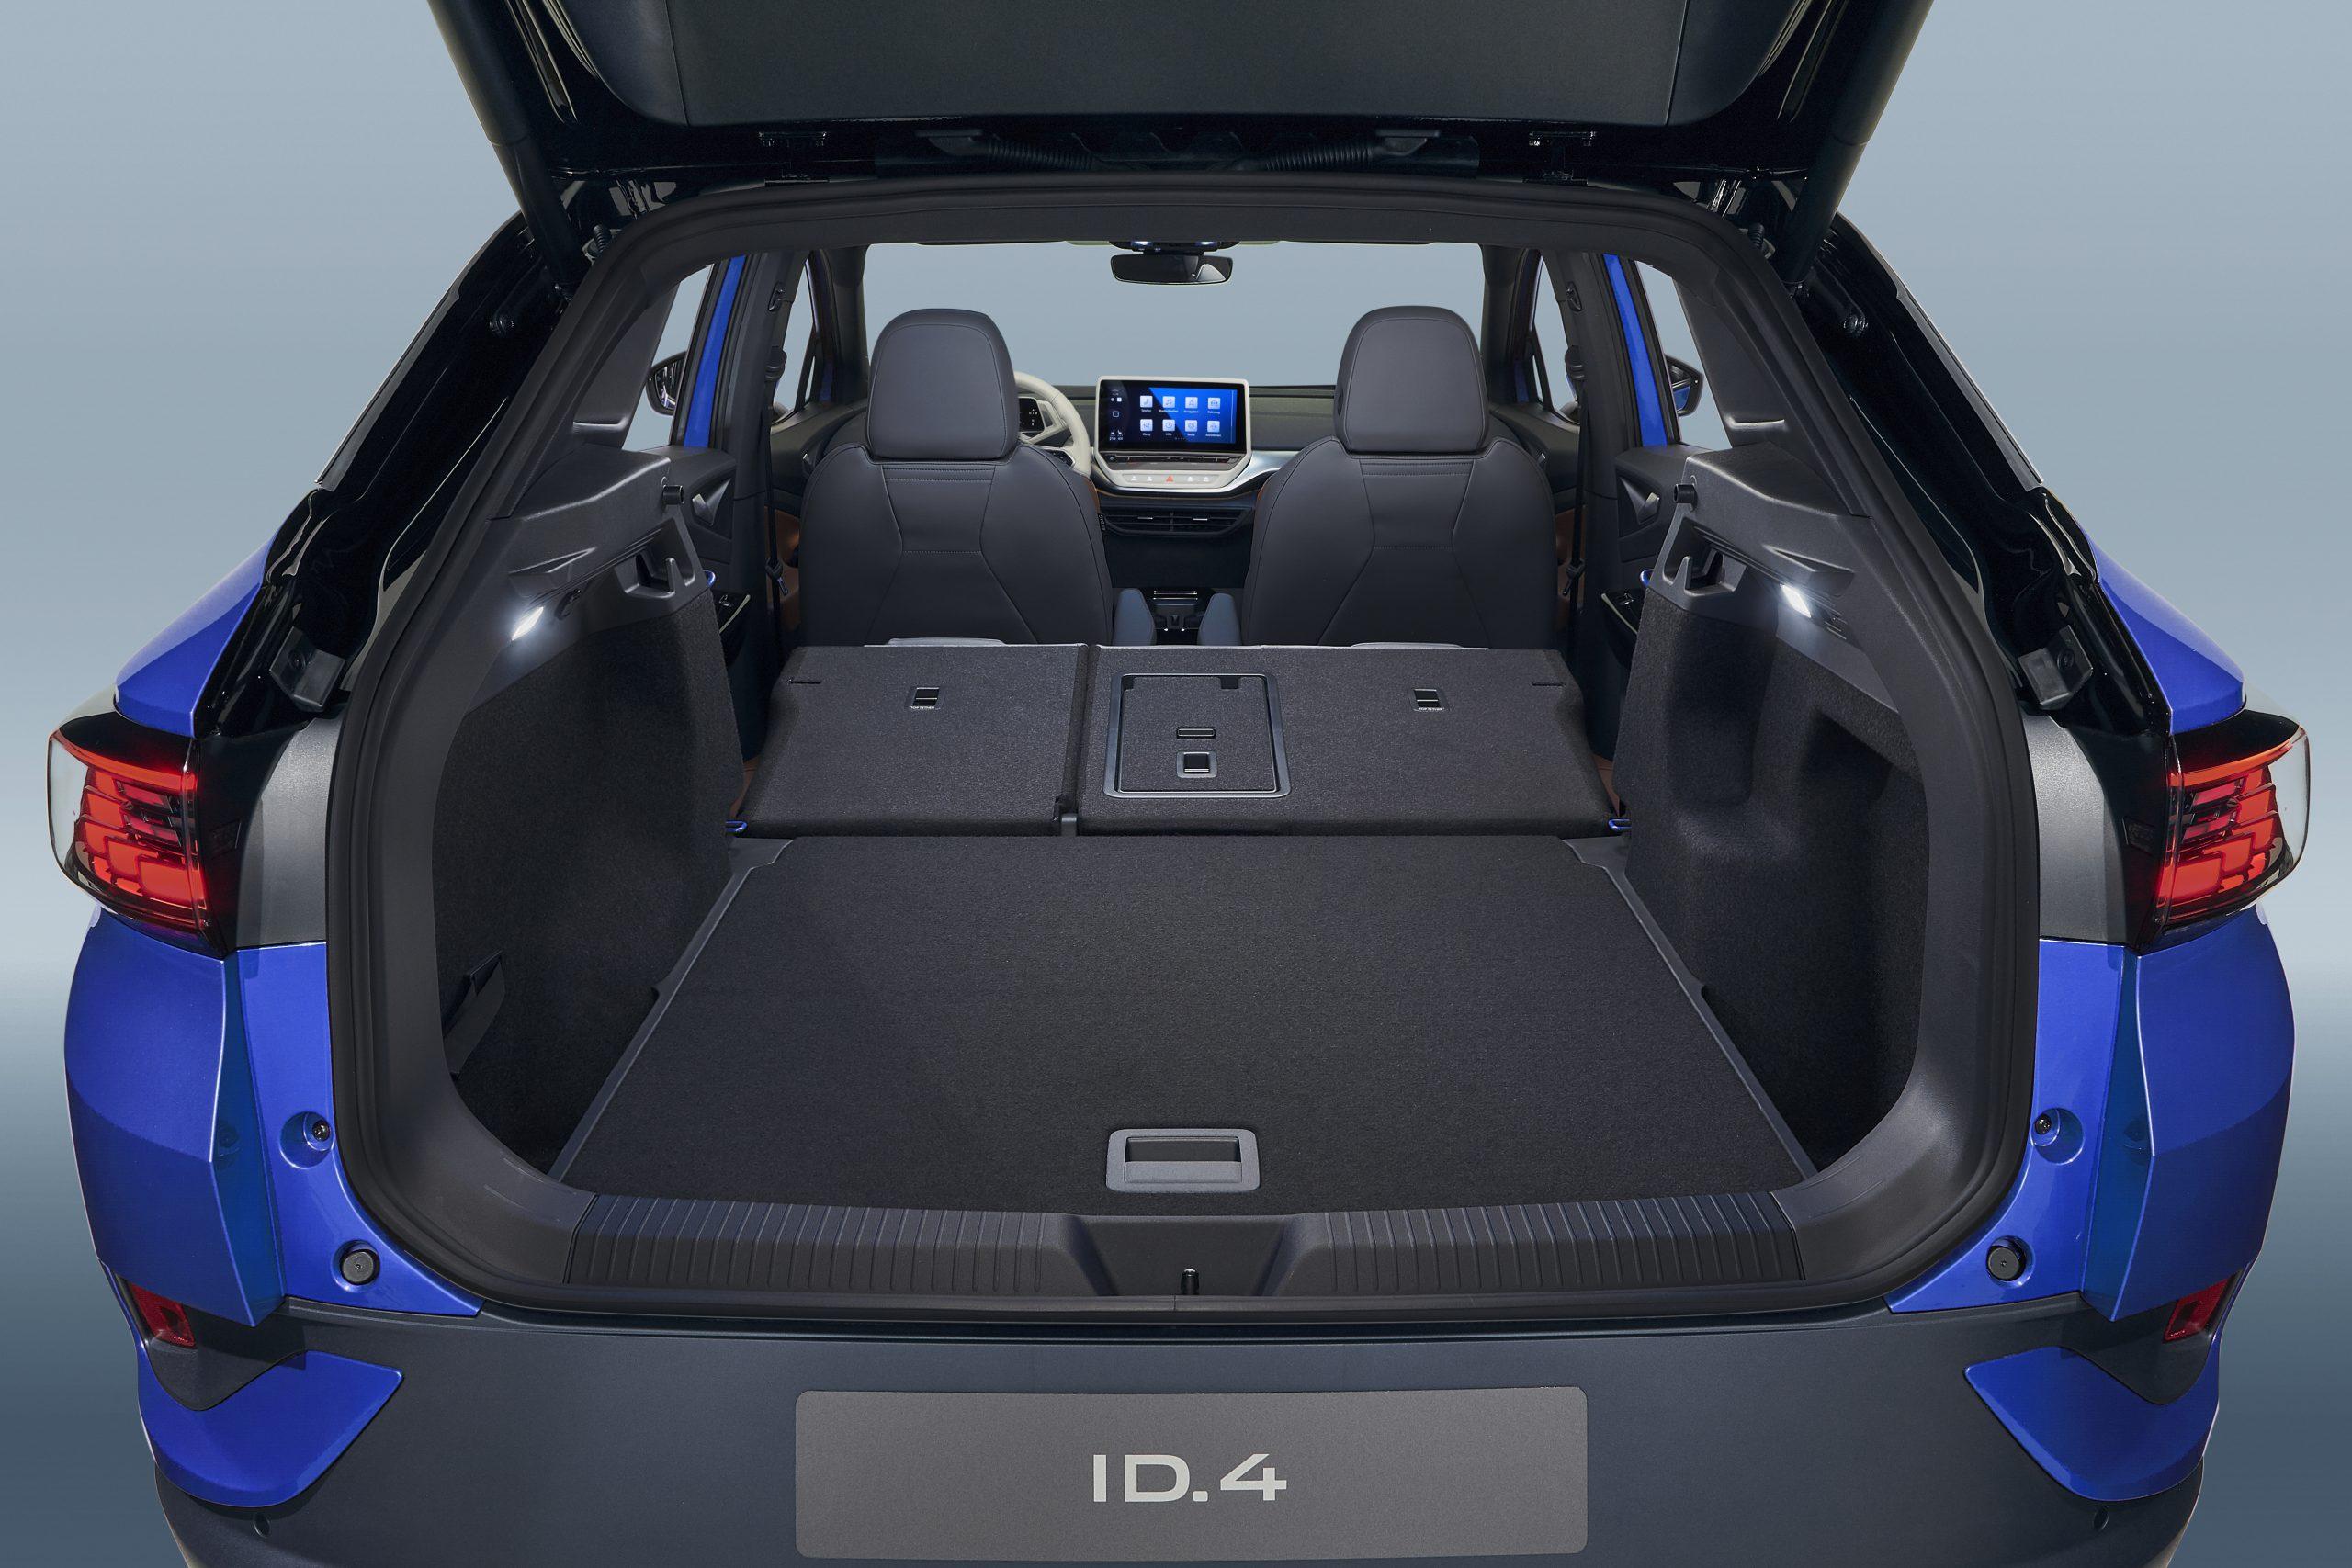 DB2020A2021 VW ID.4 electric SUV rear cargo hatch trunk seats folded